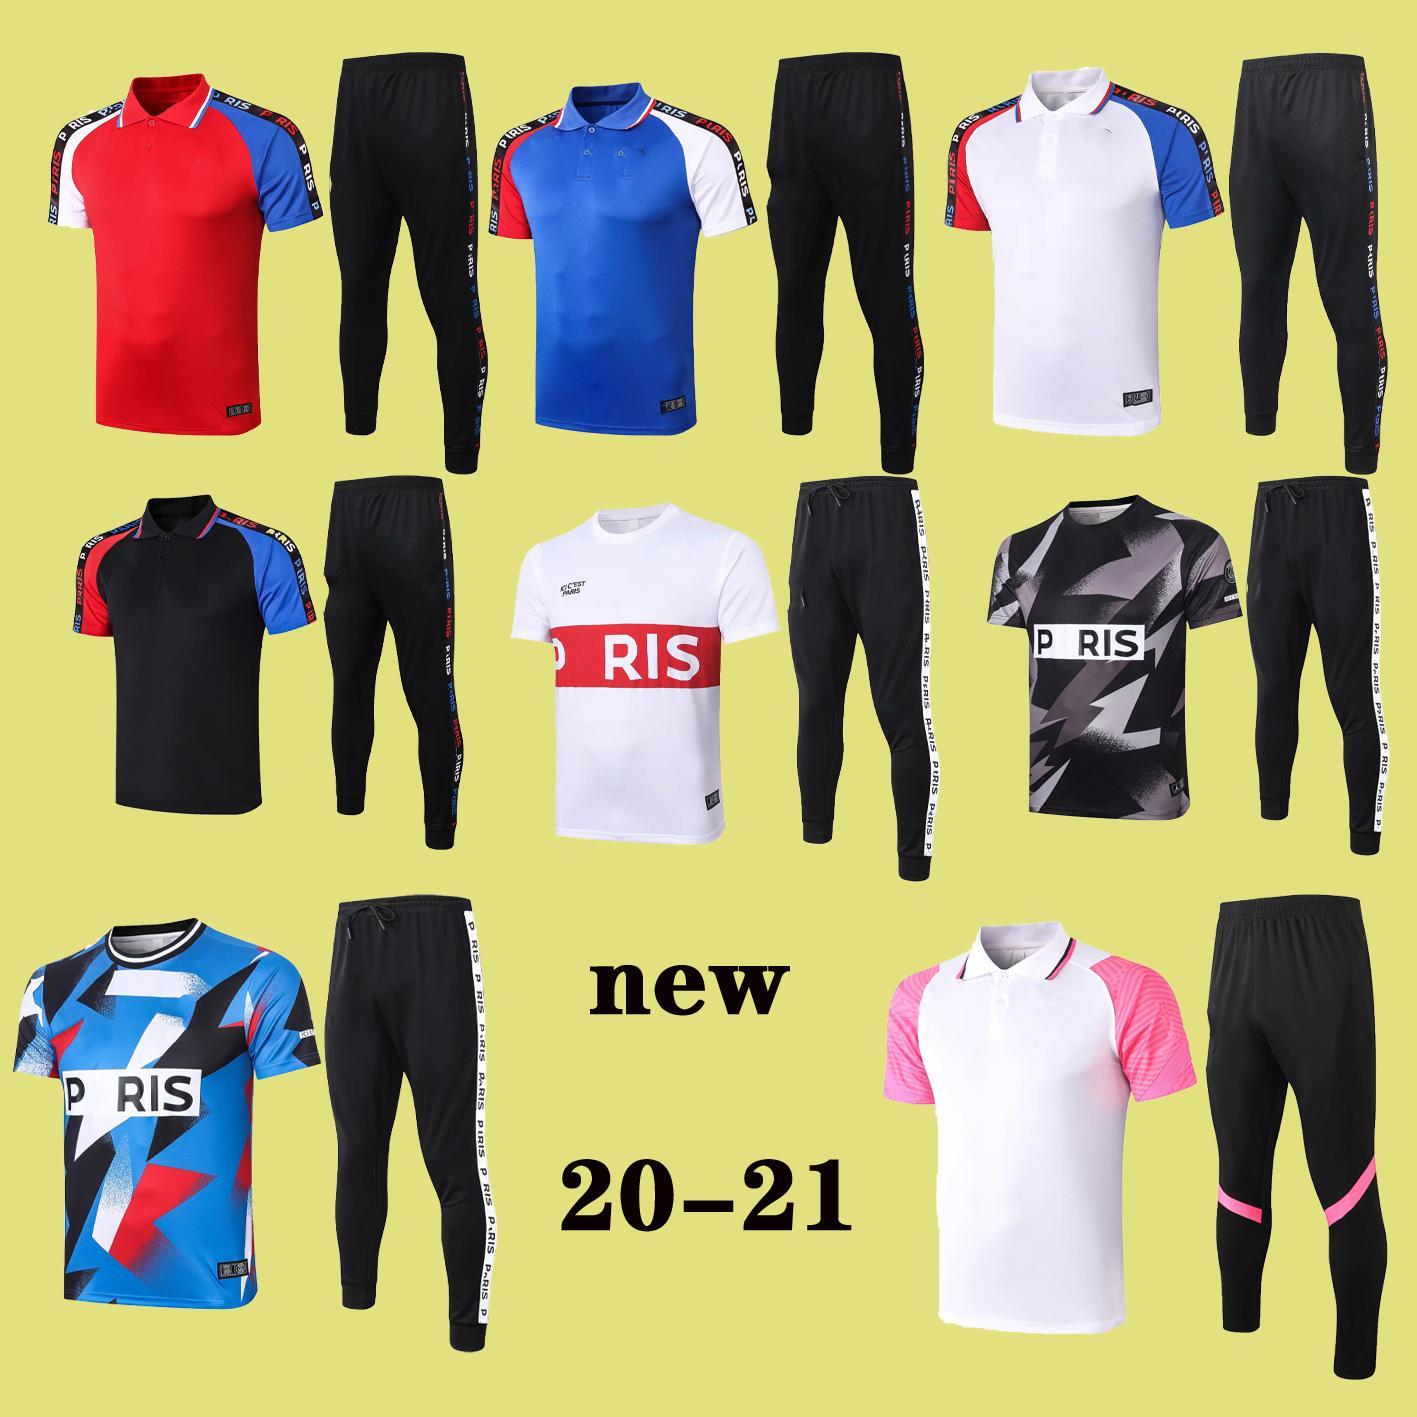 2020 2021 paris Jor MBAPPE Verratti yetişkin POLO gömlek futbol eşofman 20 21 CAVANI Kısa kollu POLO gömlek uzun pantolon futbol tren